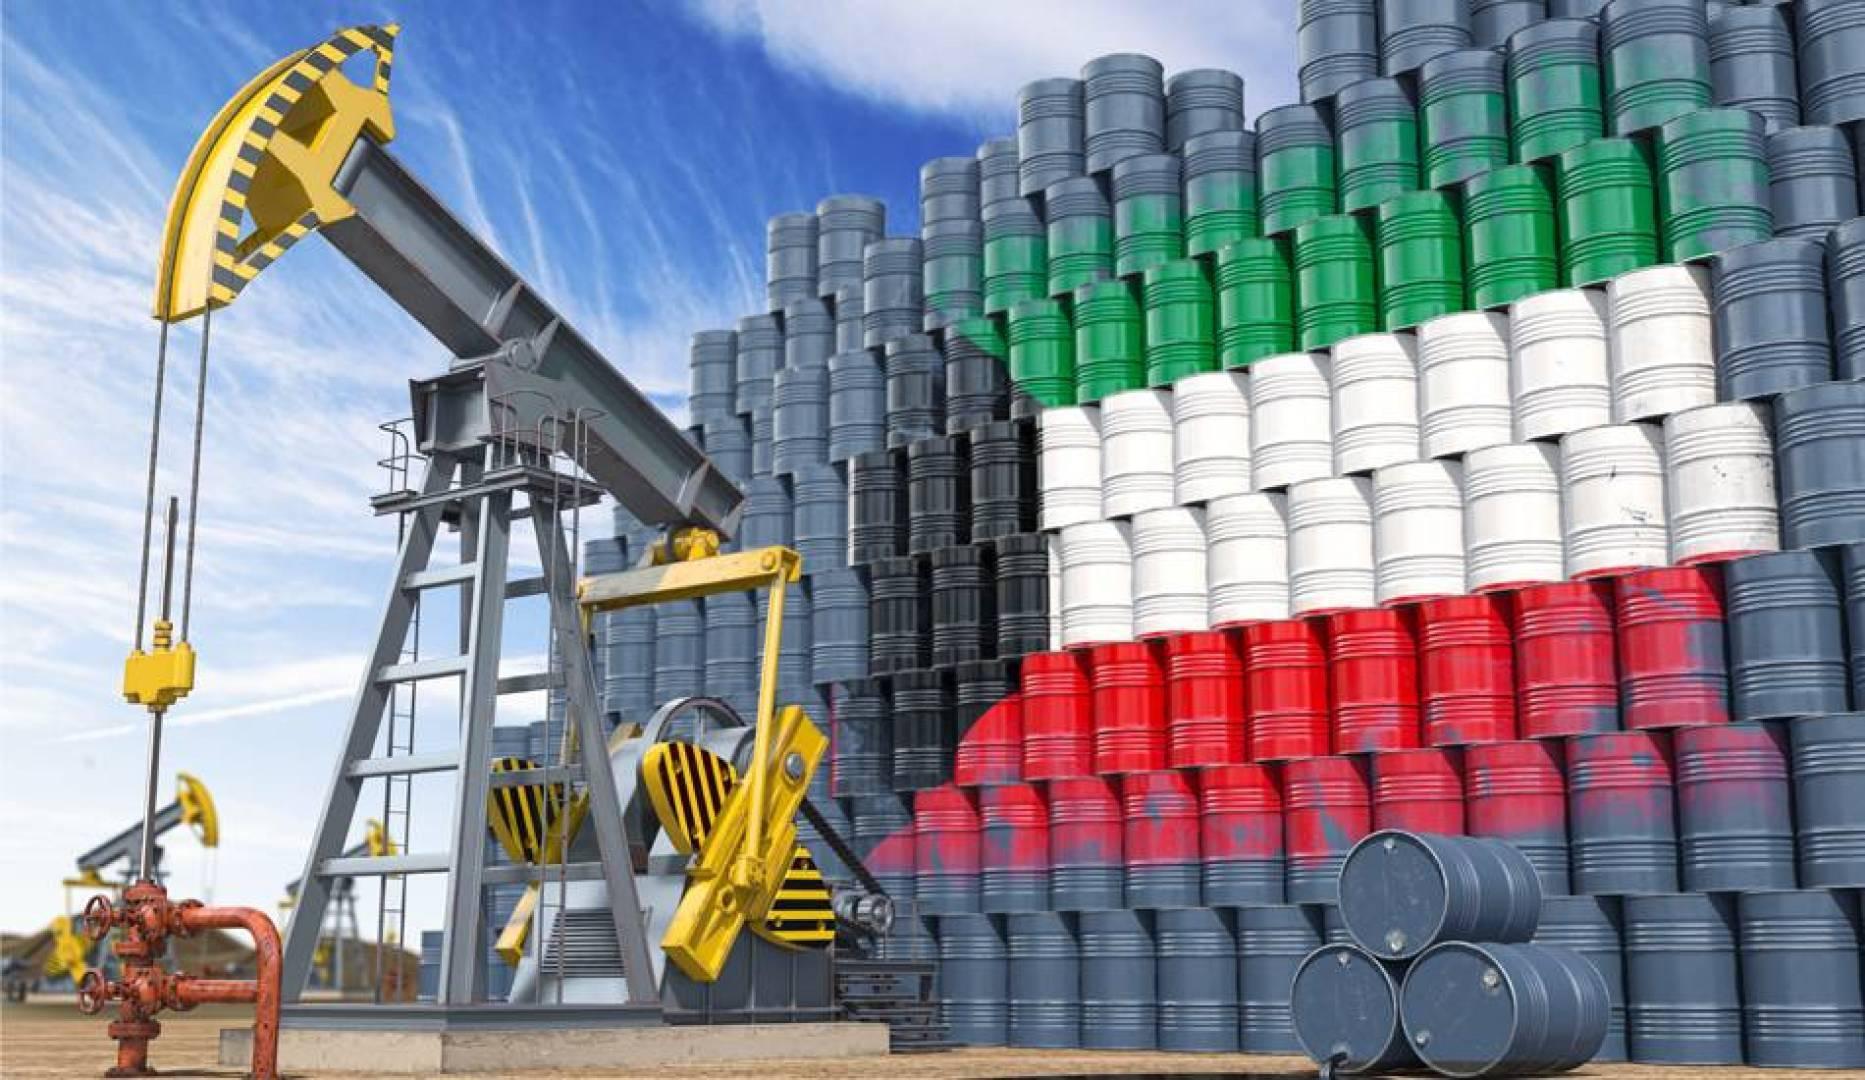 سعر برميل النفط الكويتي يرتفع 31 سنتاً ليبلغ 39.90 دولار